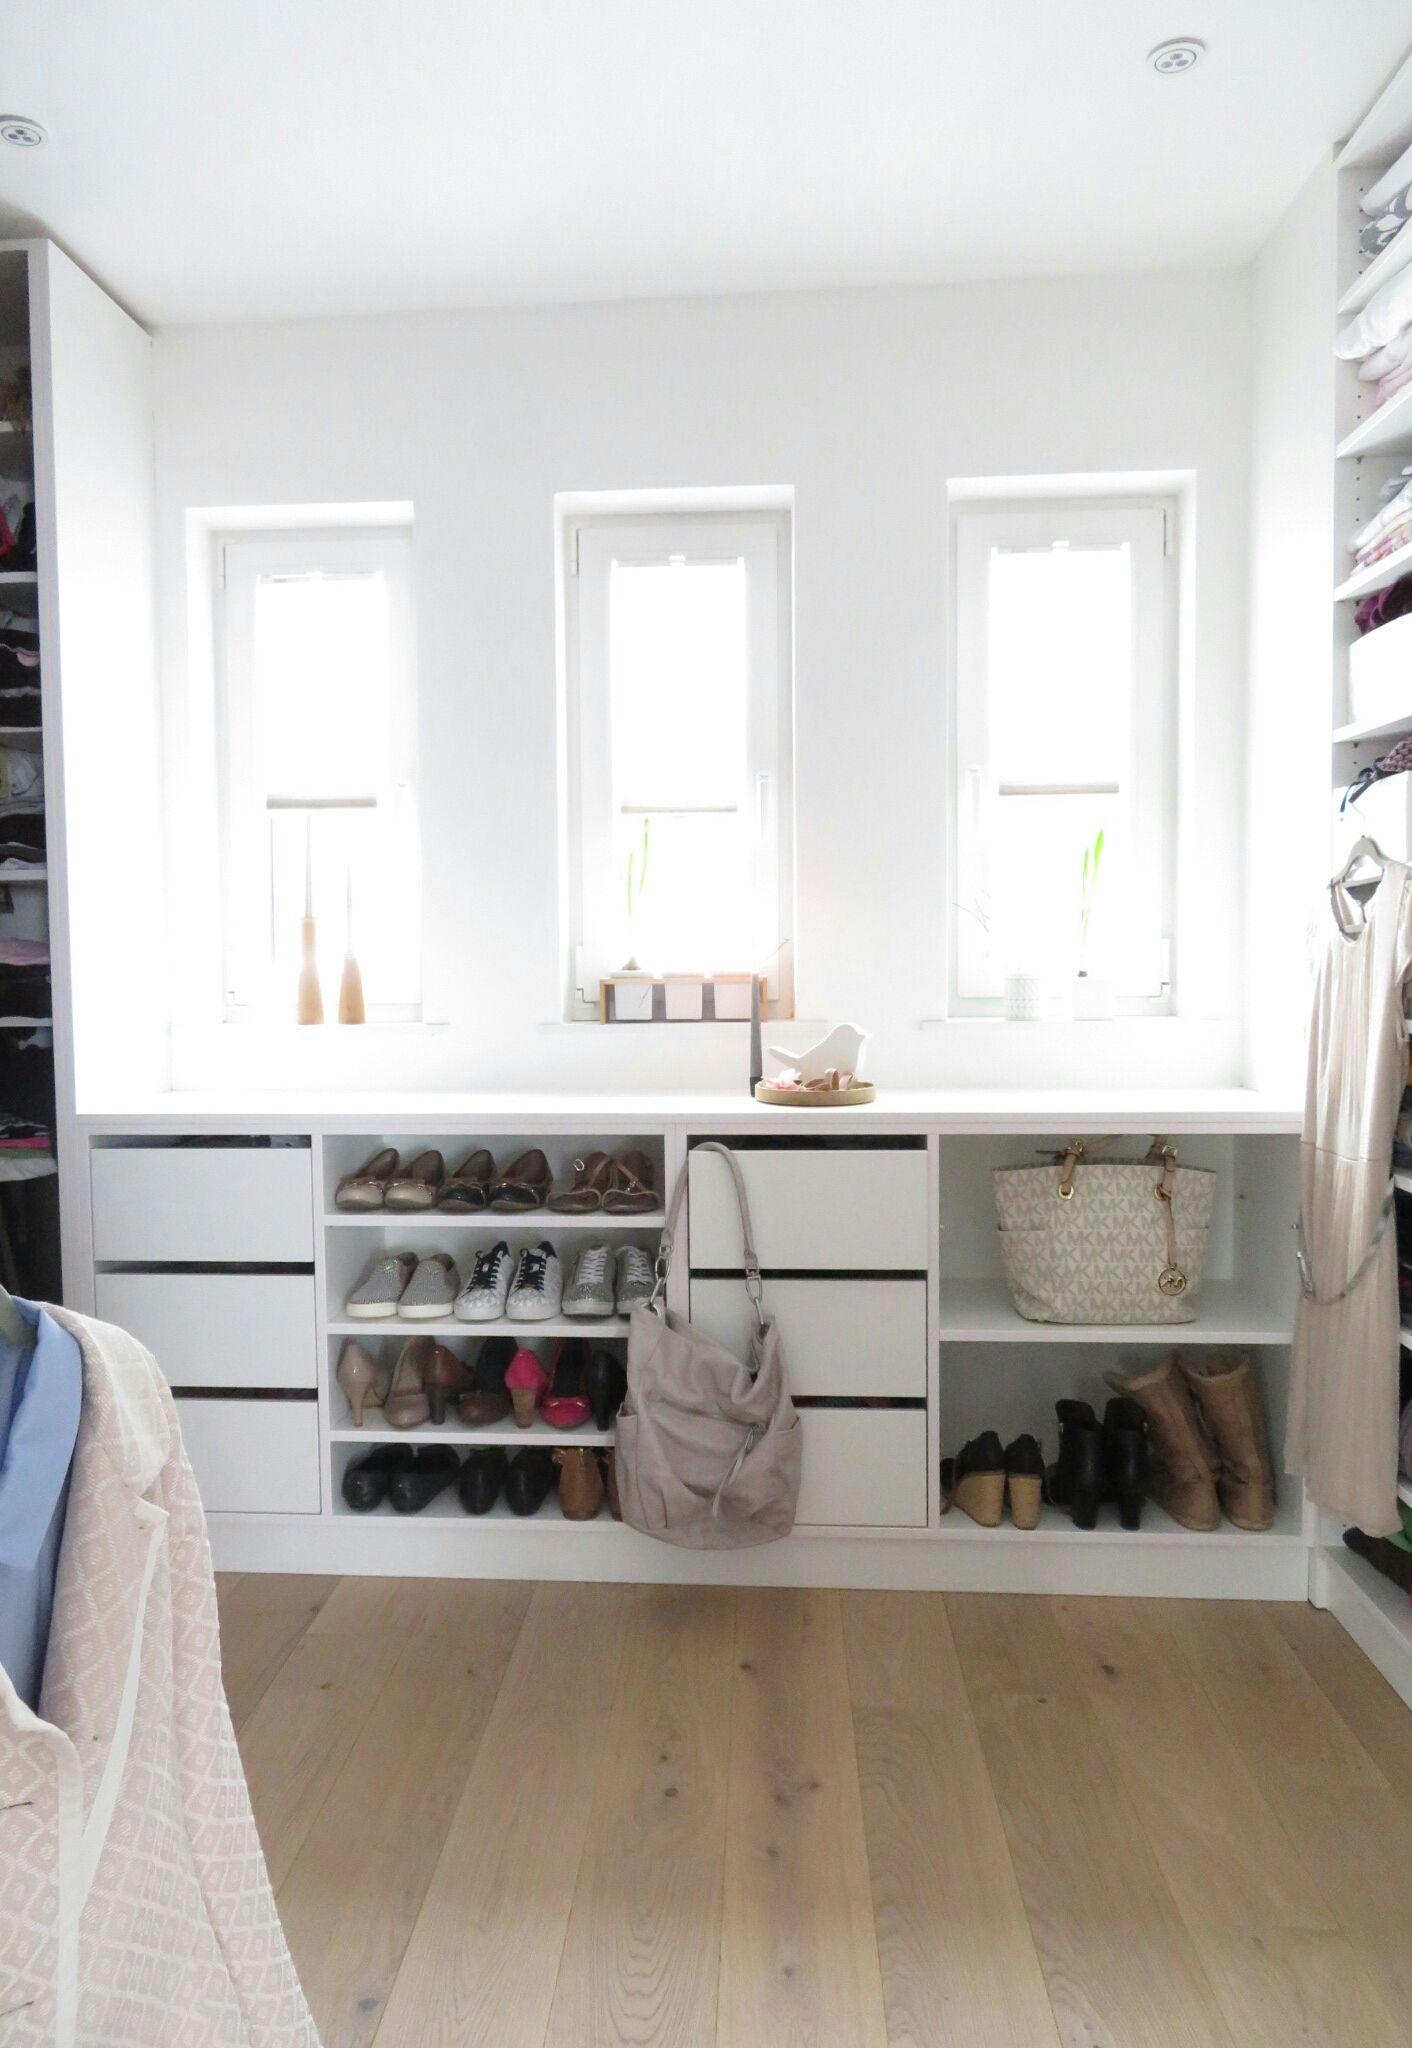 kleiner einblick wohnen schrank zimmer ankleide zimmer und ankleide. Black Bedroom Furniture Sets. Home Design Ideas